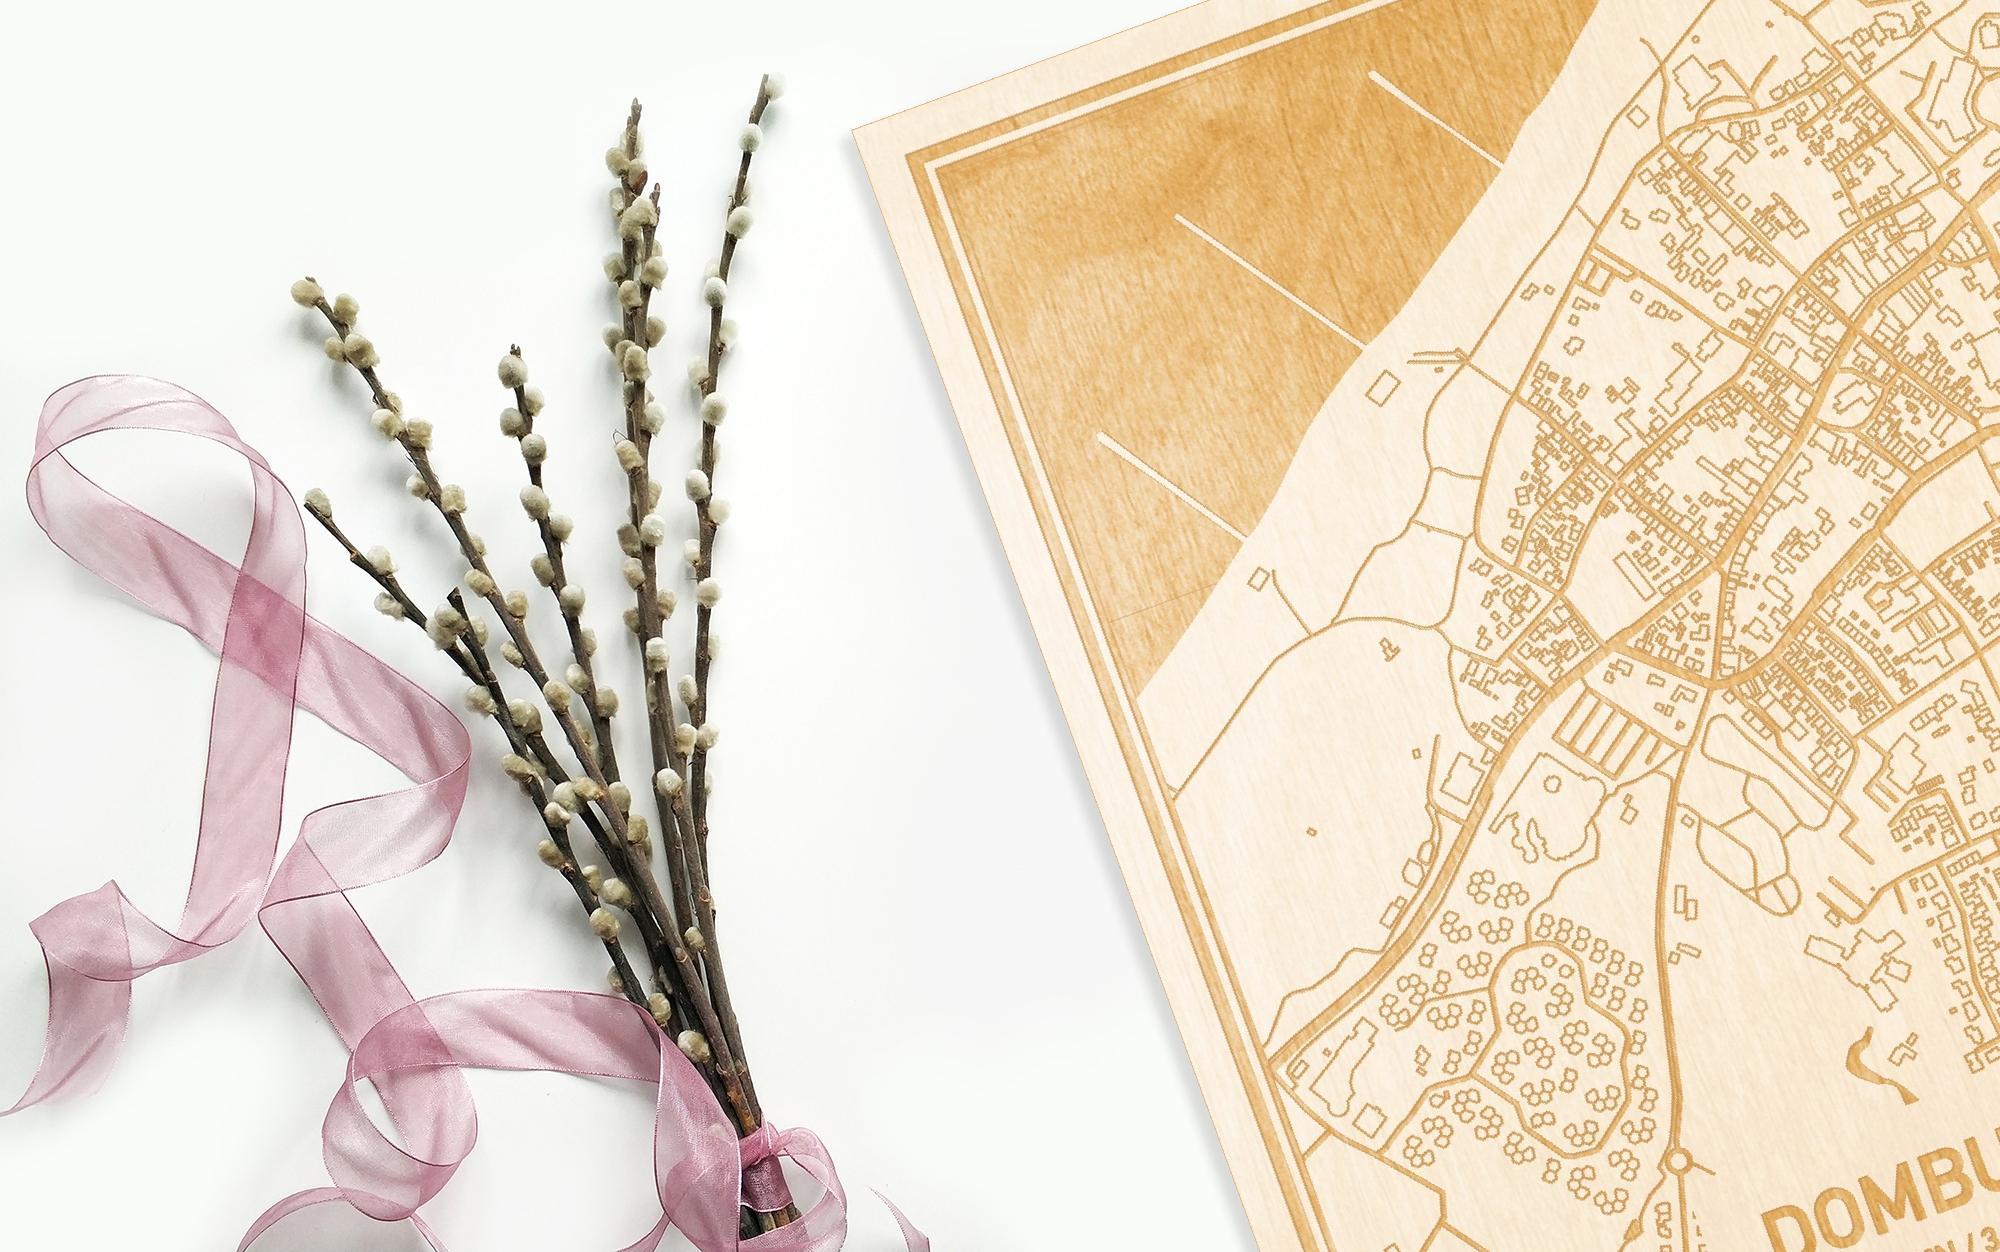 Hier ligt de houten plattegrond Domburg naast een bloemetje als gepersonaliseerd cadeau voor haar.